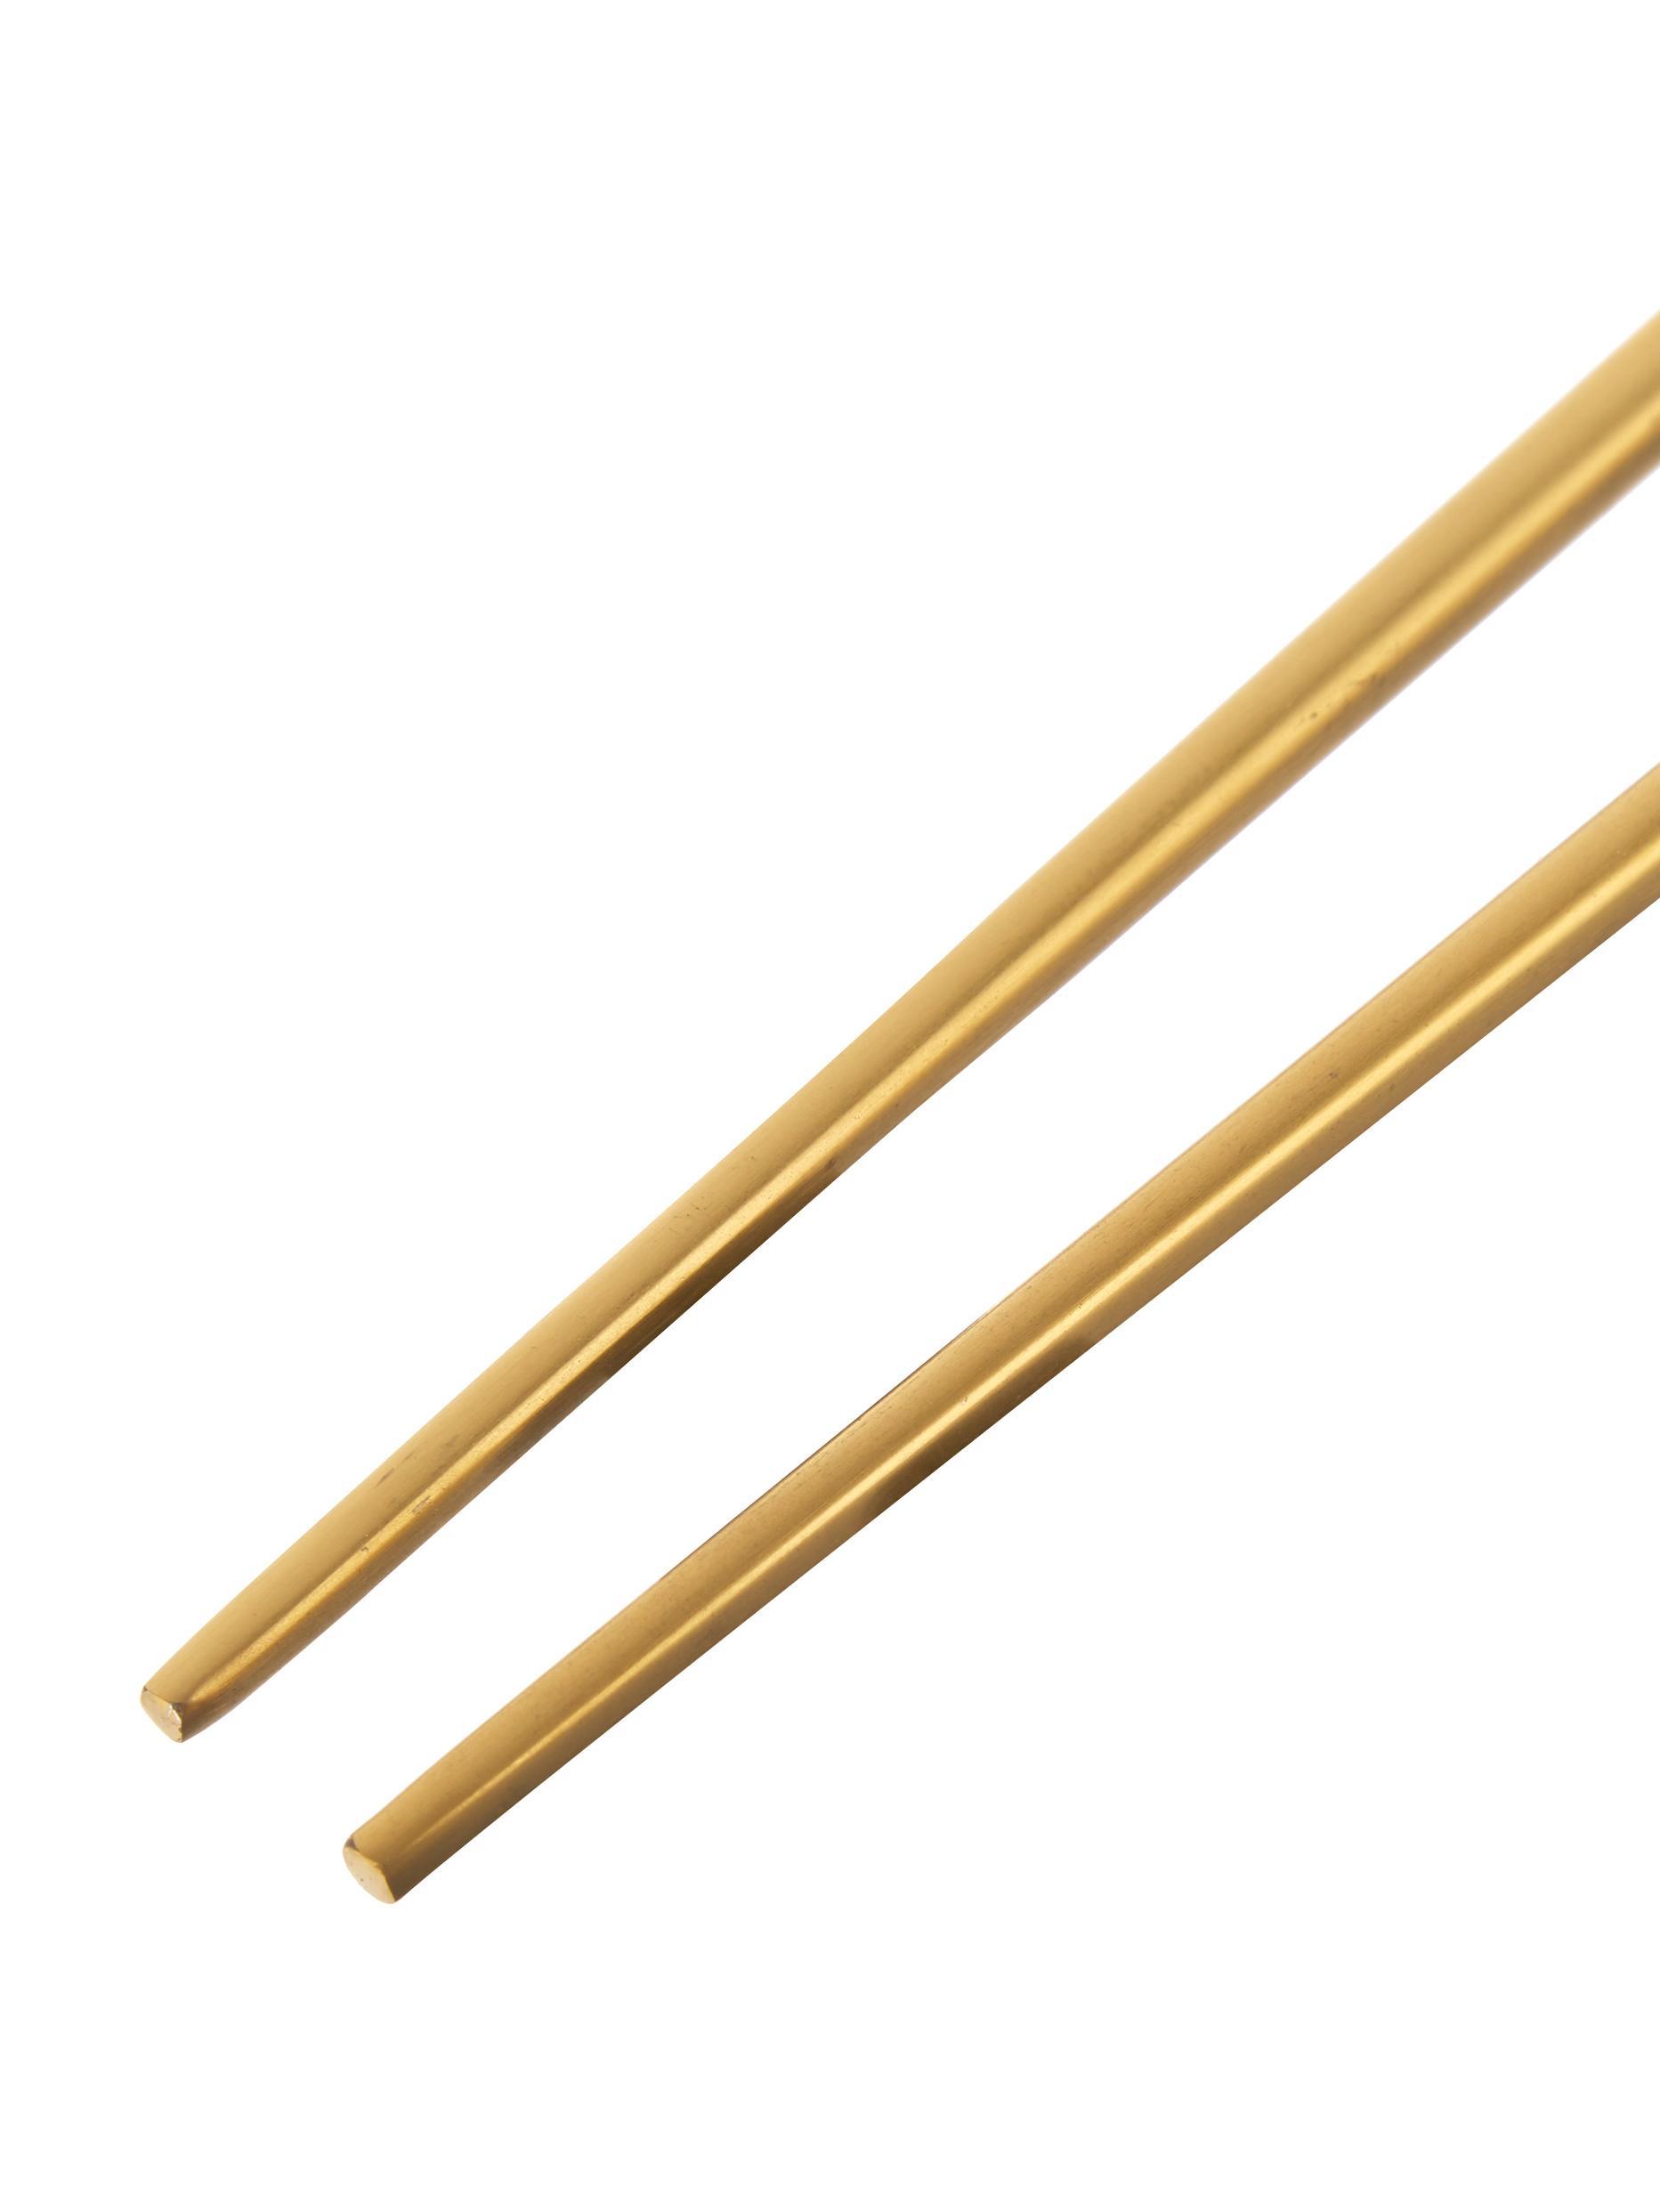 Ensemble de baguettes en acier inoxydable doré Chop, 6élém., Couleur dorée, noir